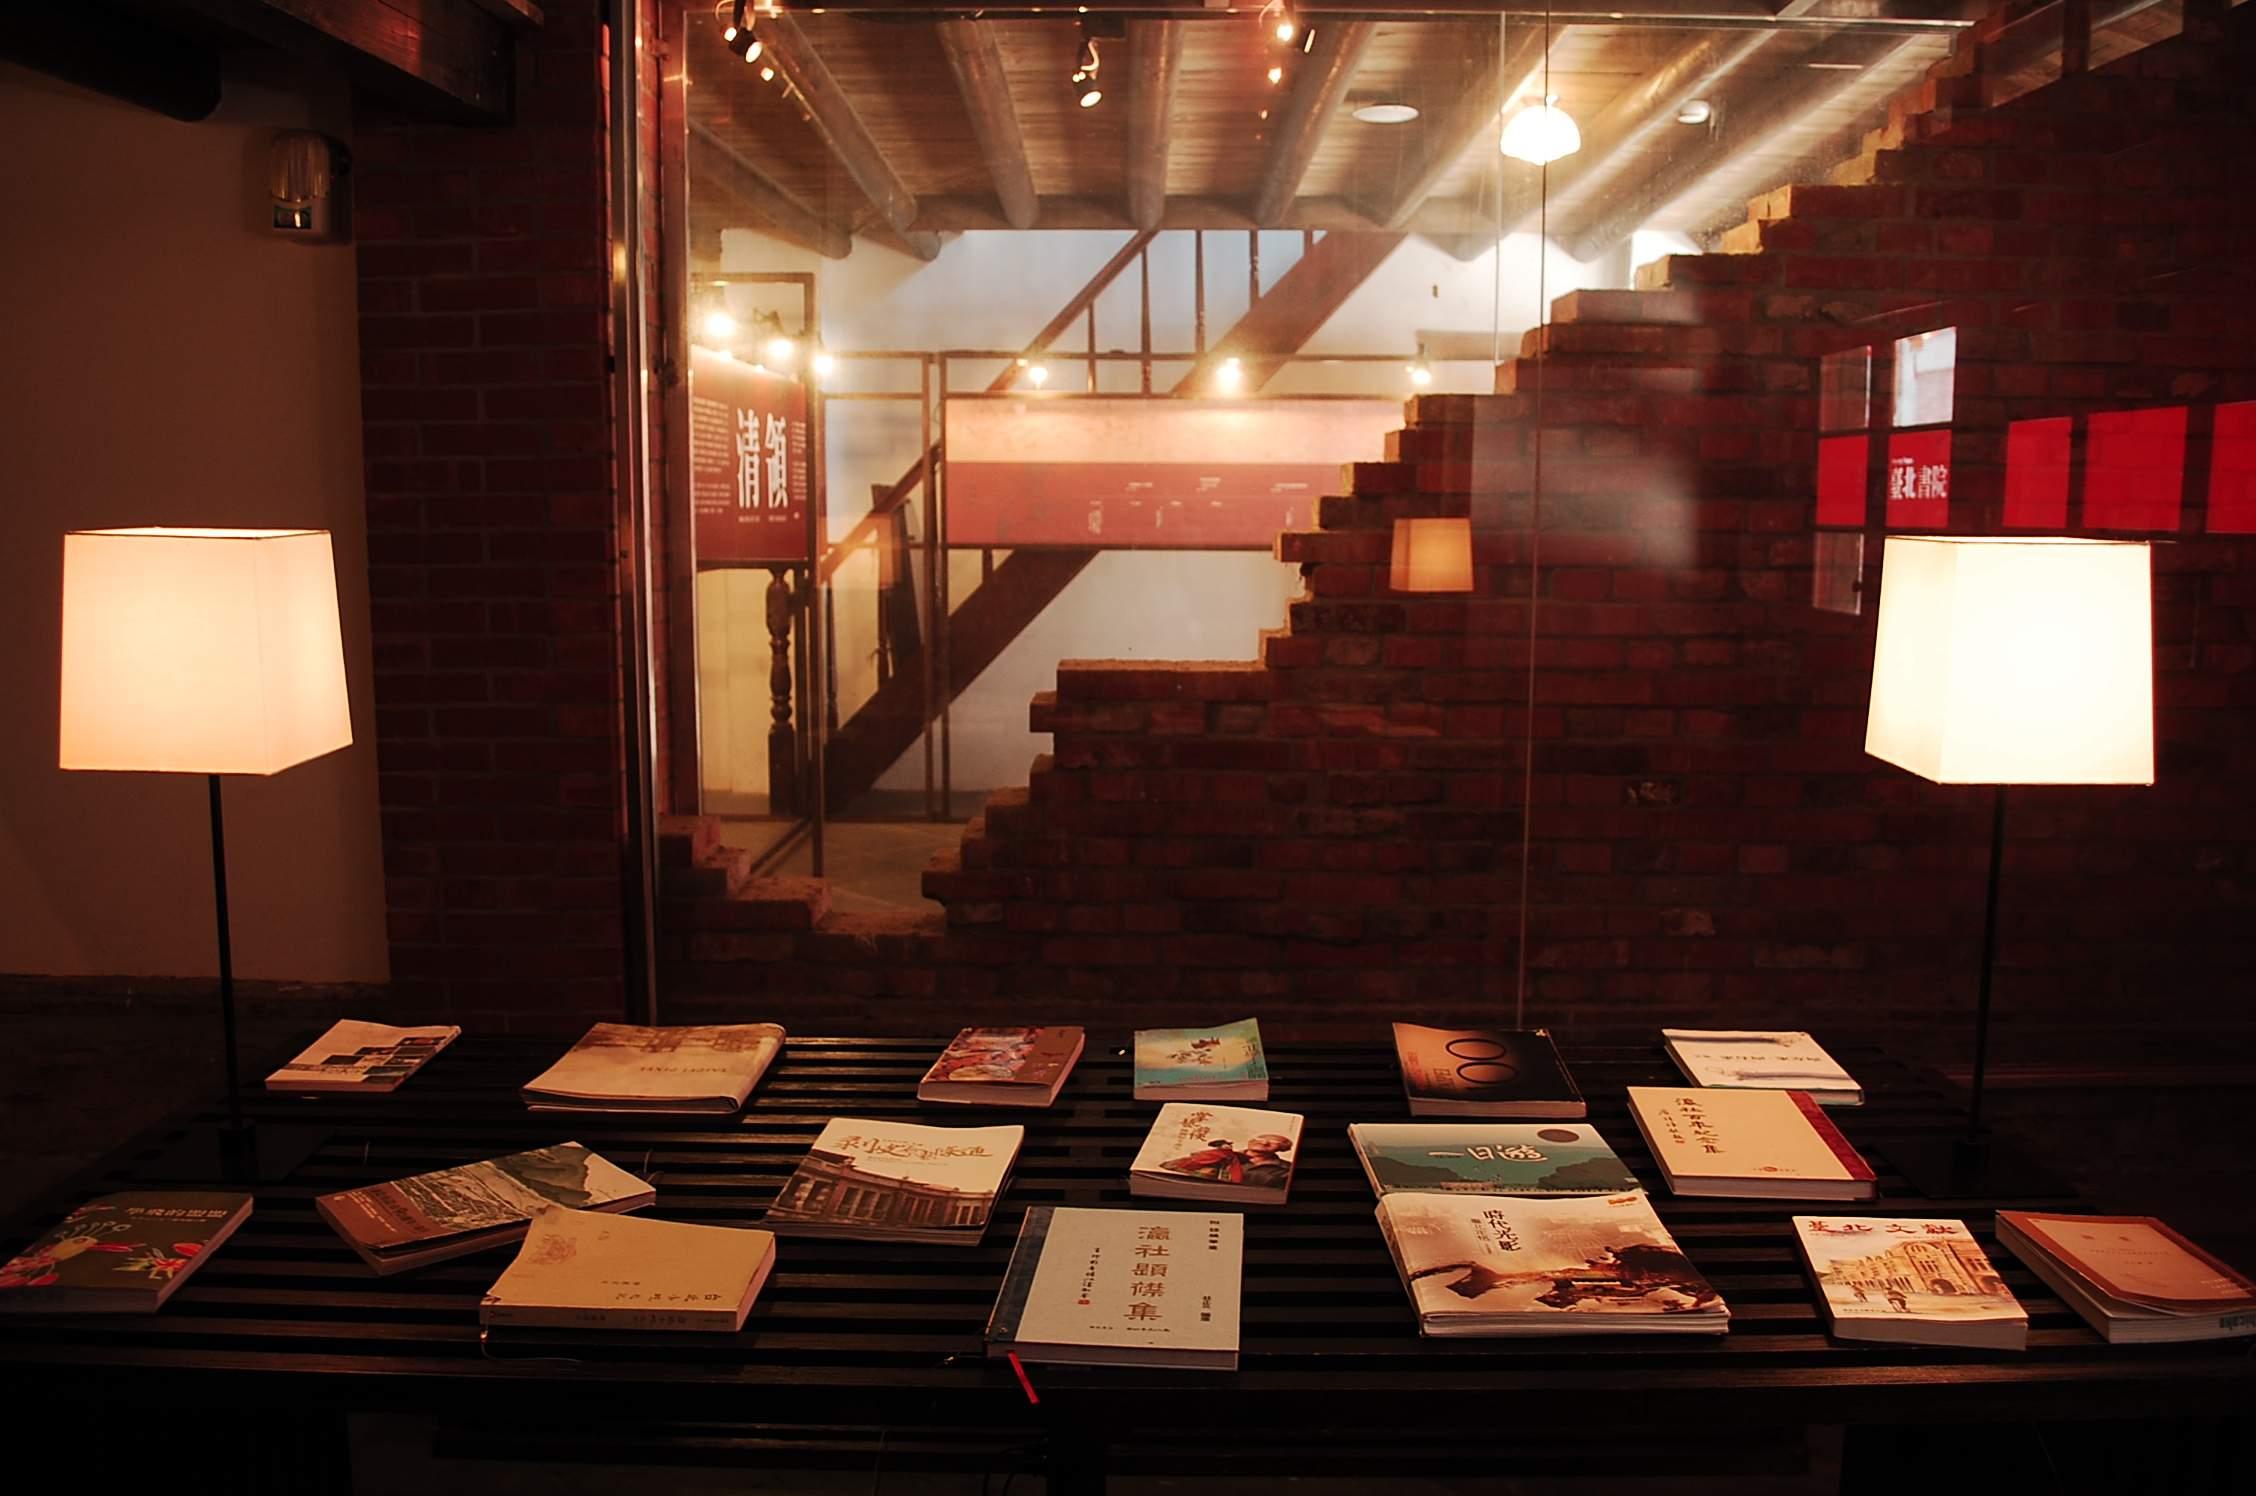 圖表:「臺北書室」展間